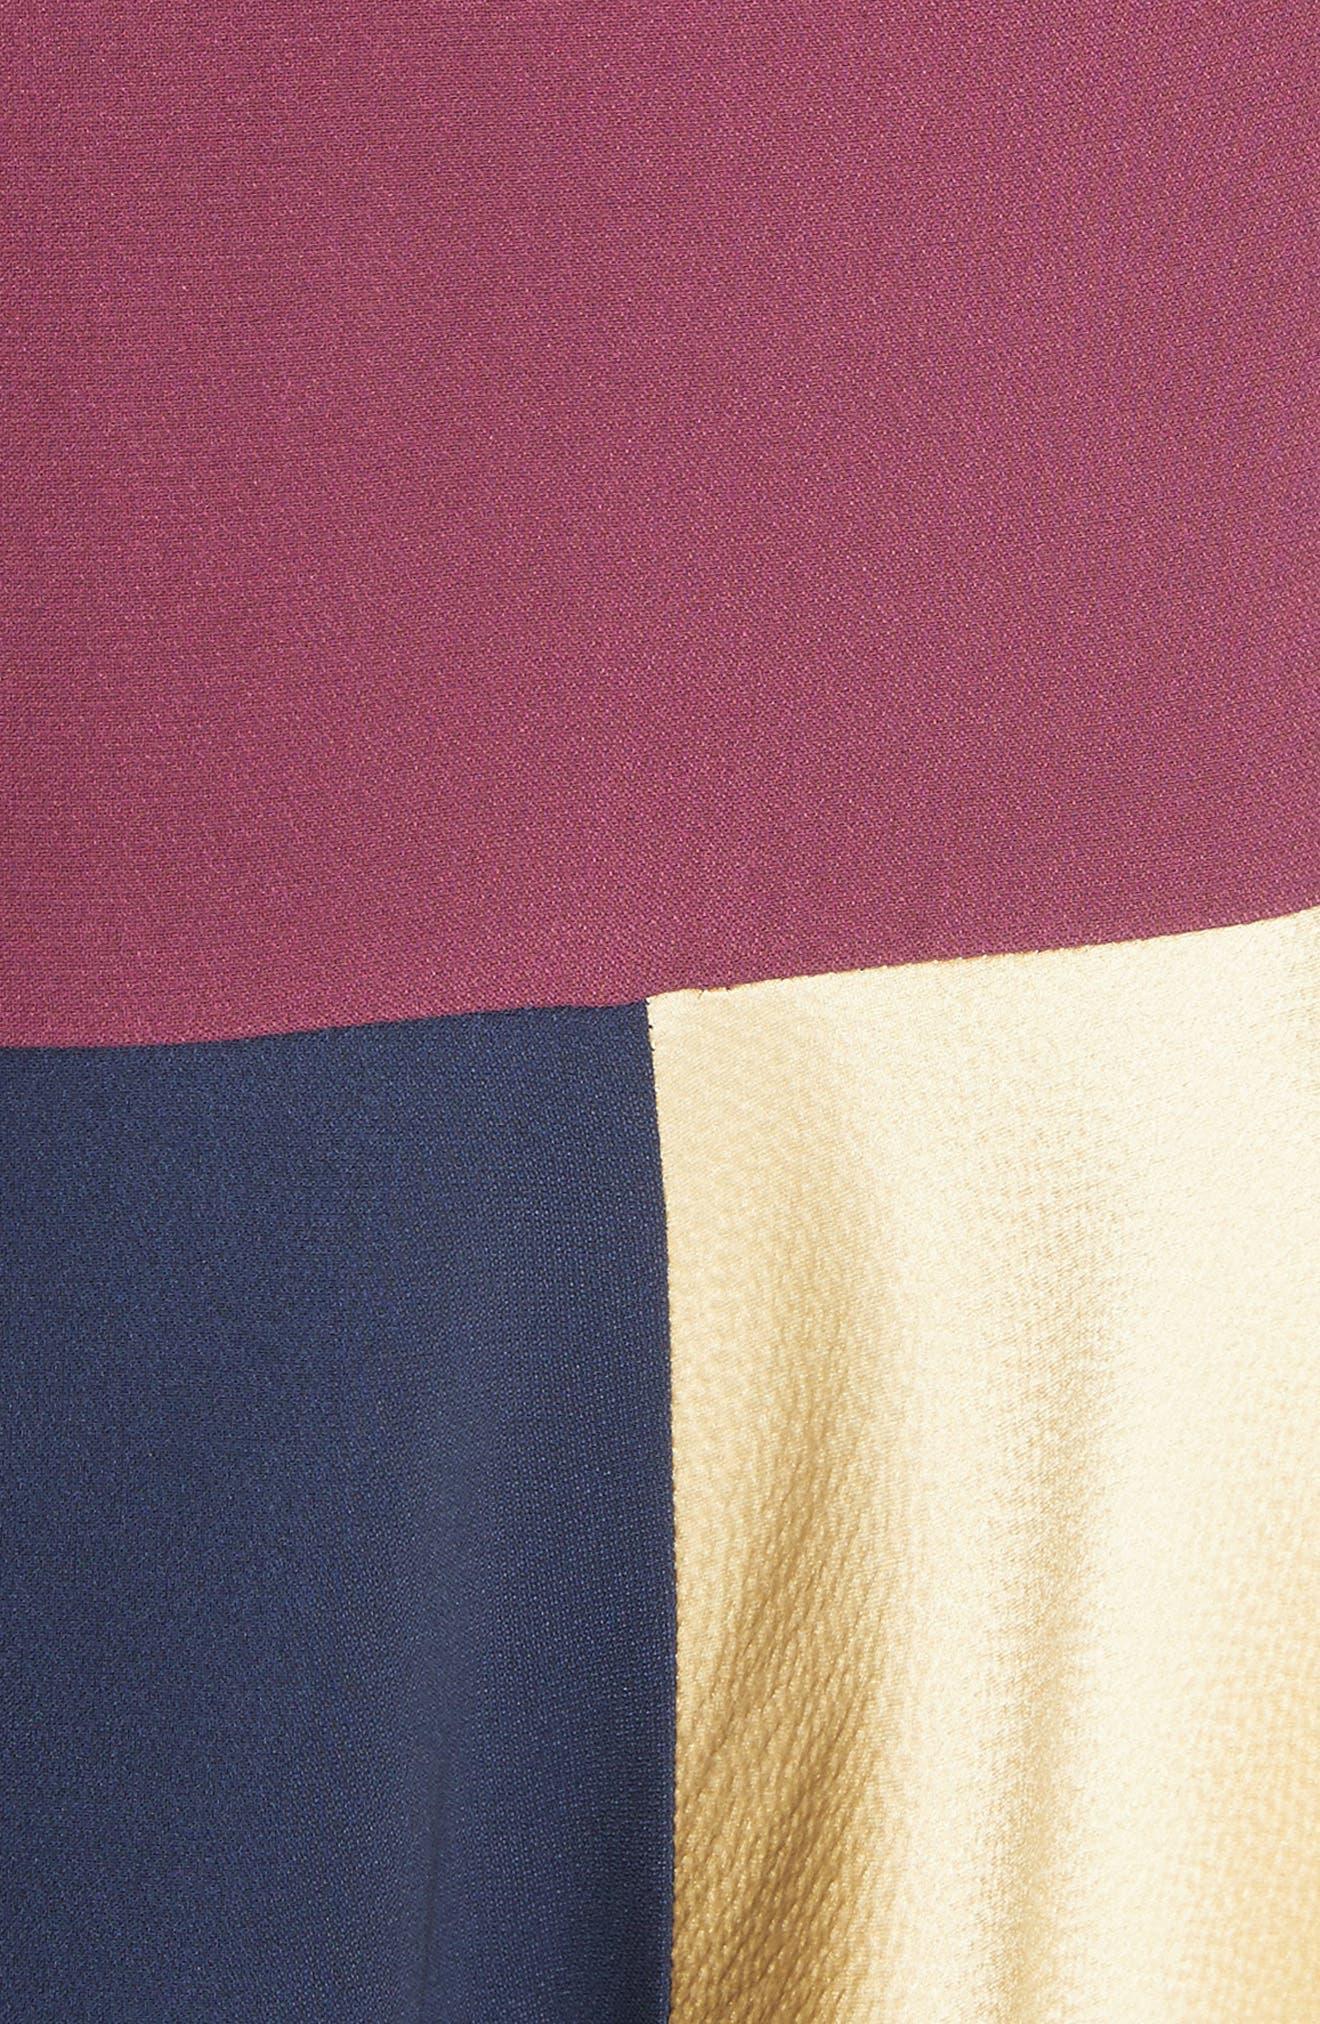 Rania Skirt,                             Alternate thumbnail 5, color,                             Sorbet/ Plum/ Navy